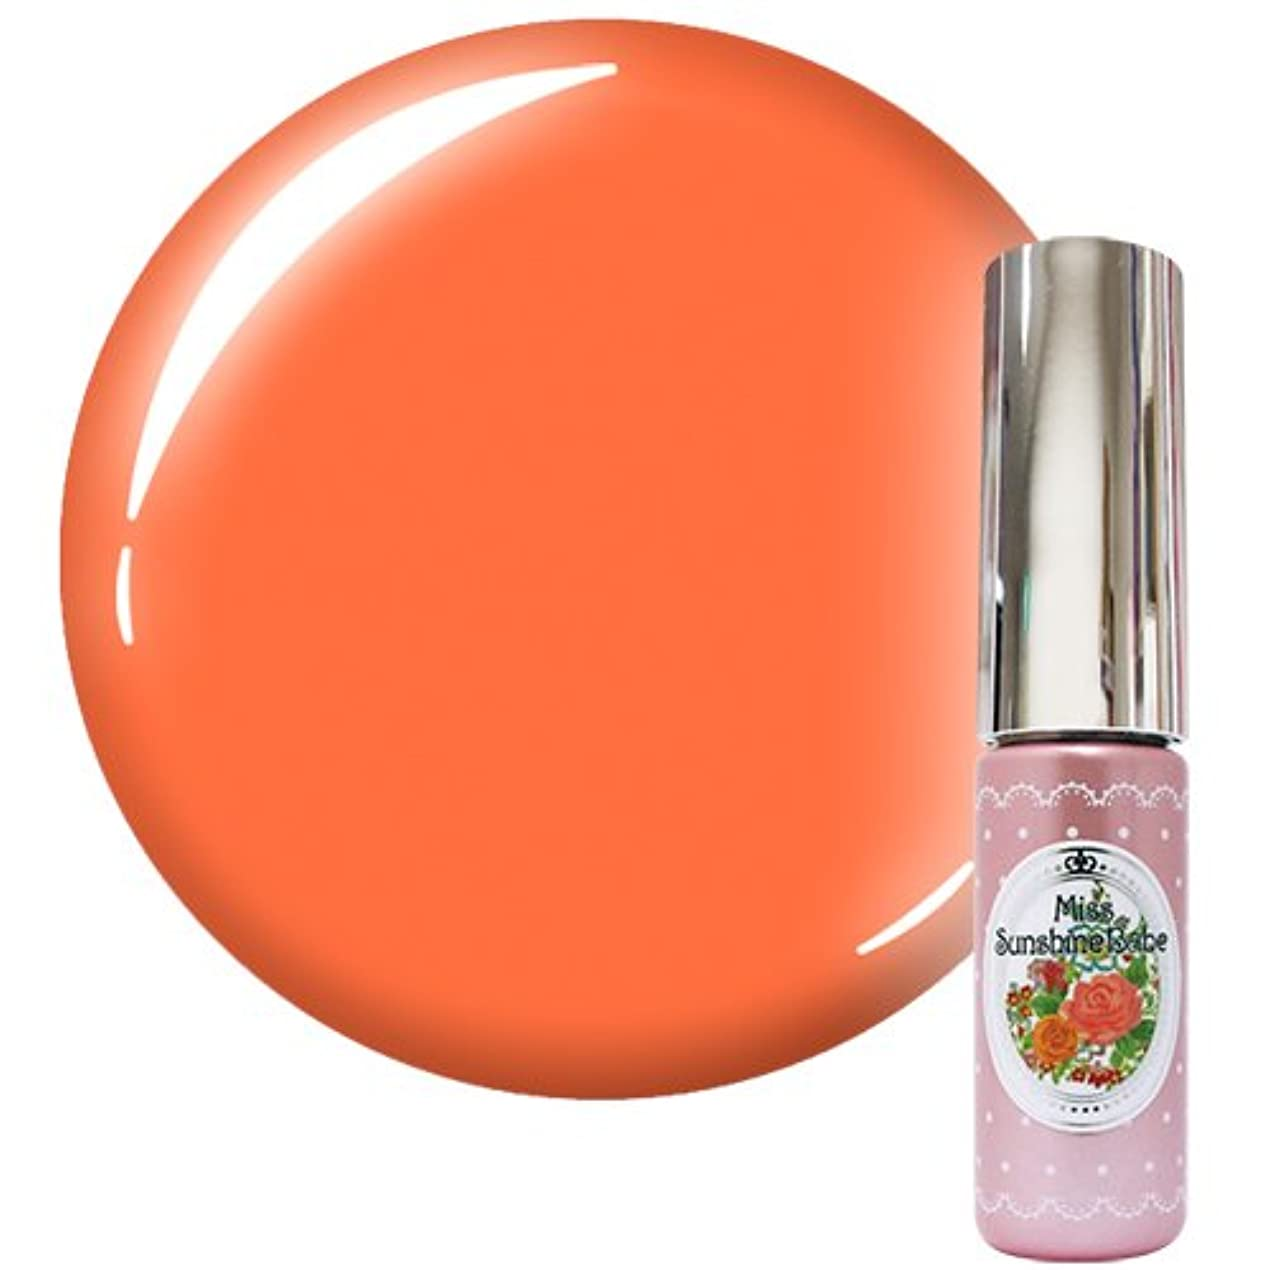 Miss SunshineBabe ミス サンシャインベビー カラージェル MC-33 5g サマーパステルオレンジ